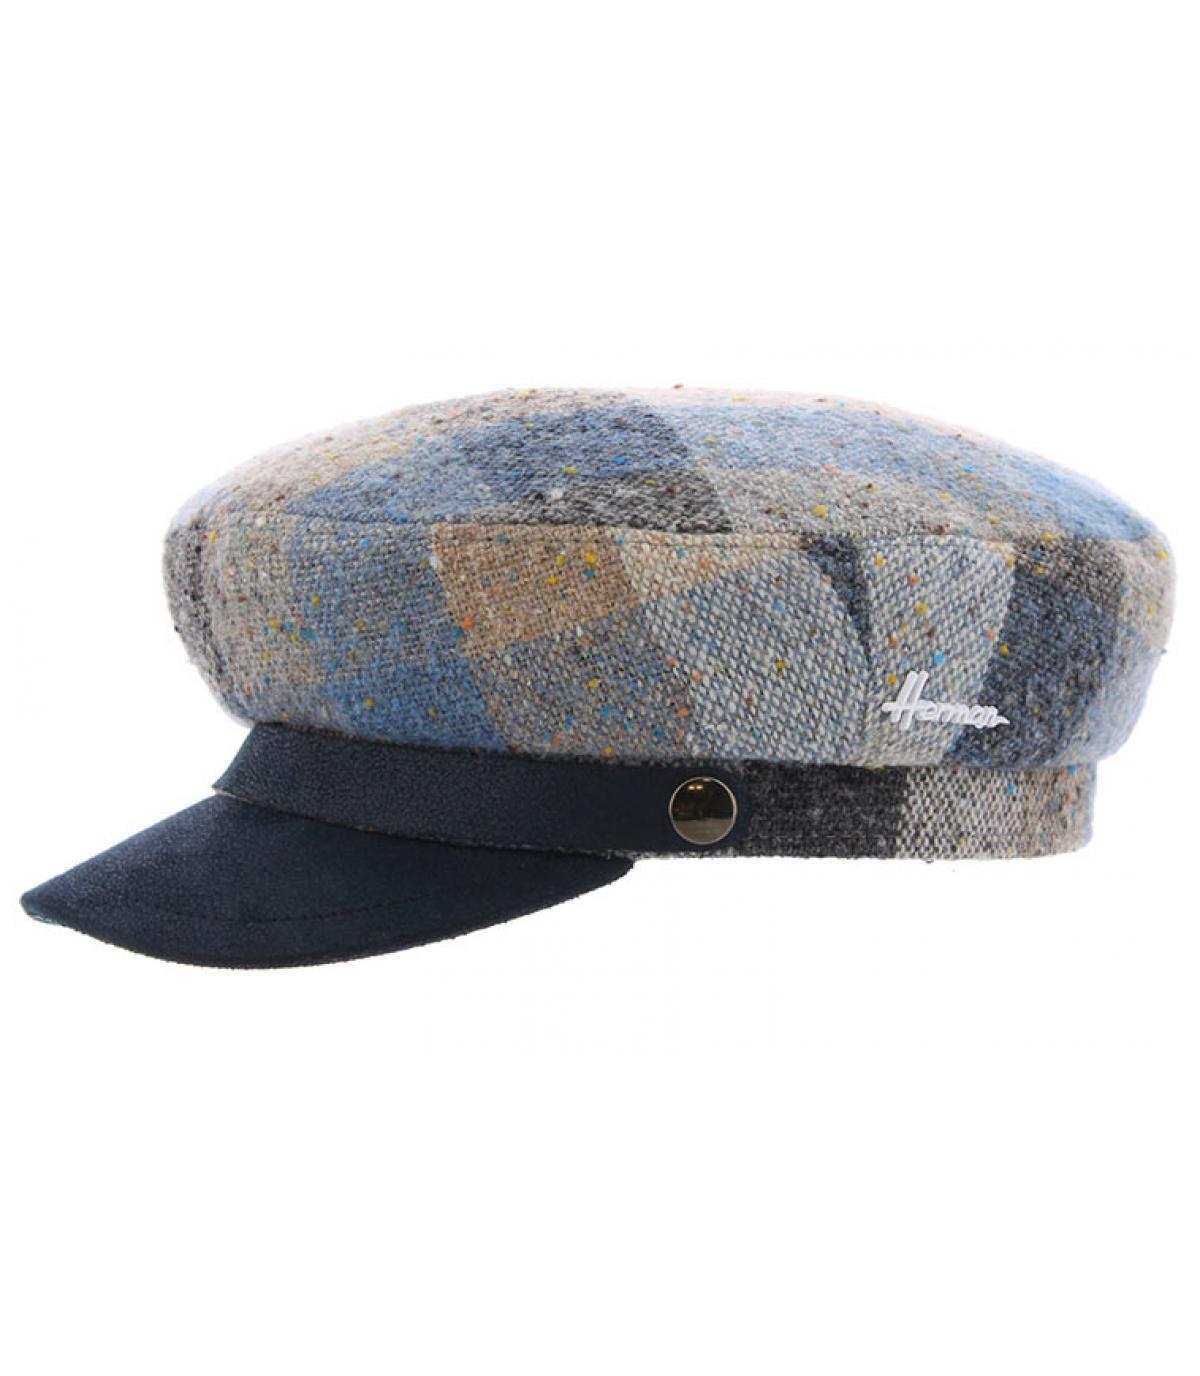 casquette marin carreaux bleu